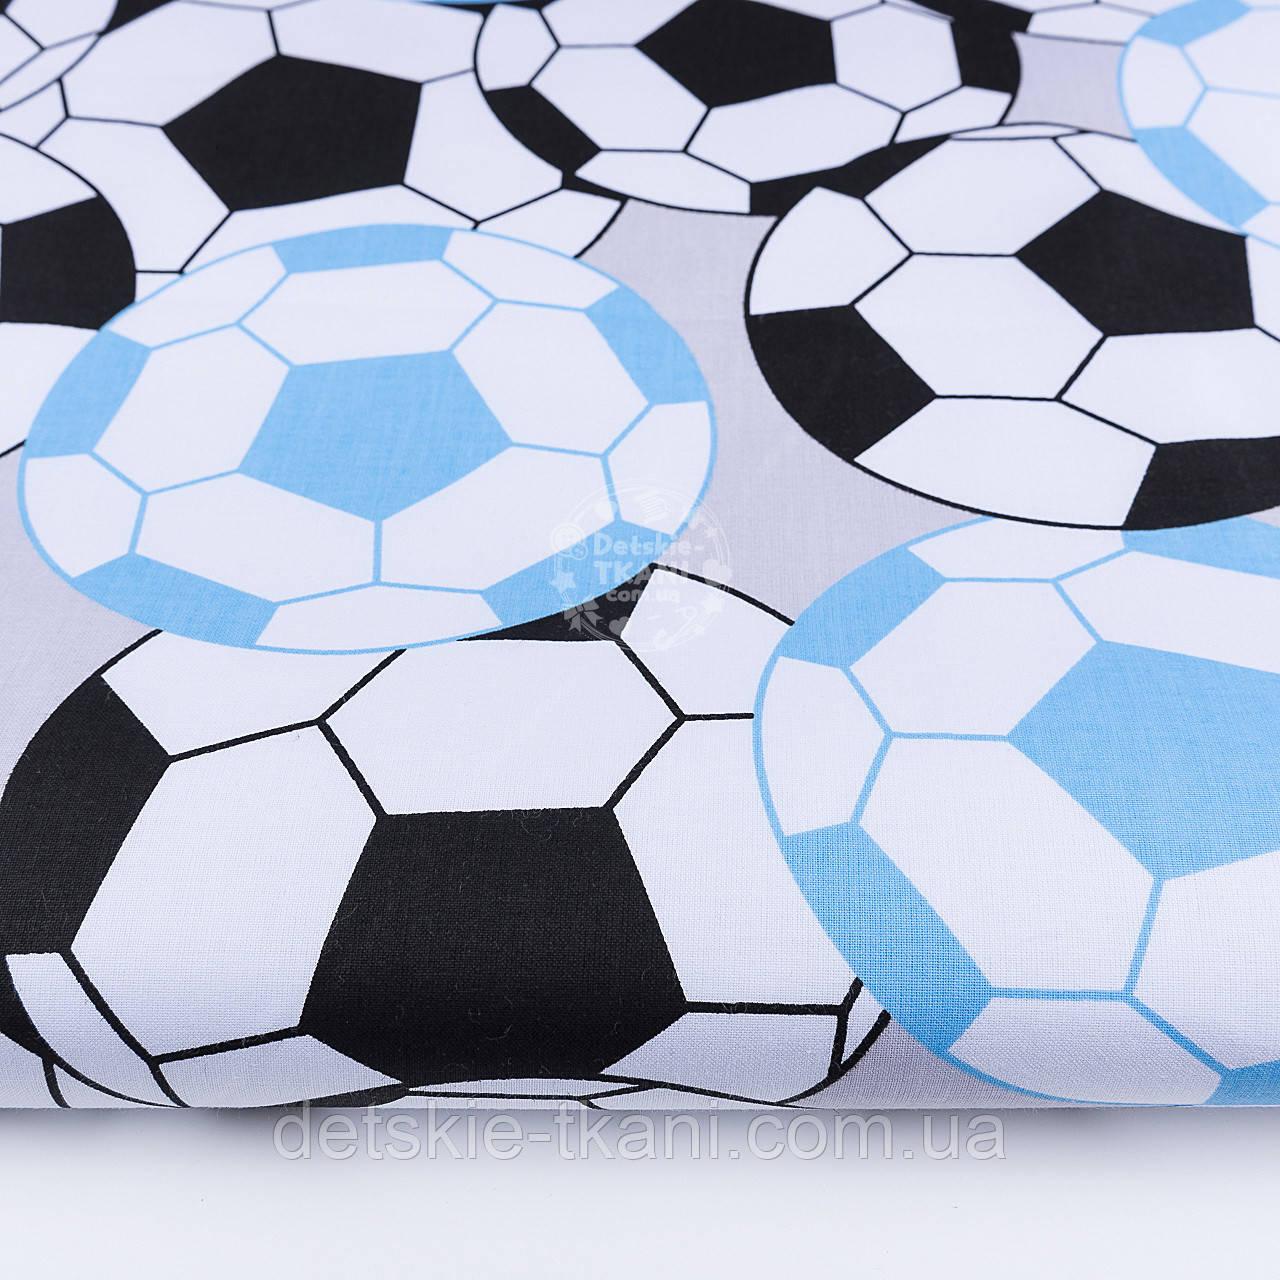 """Ткань хлопковая """"Футбольные мячи"""", цвет голубой и чёрный, №1167"""